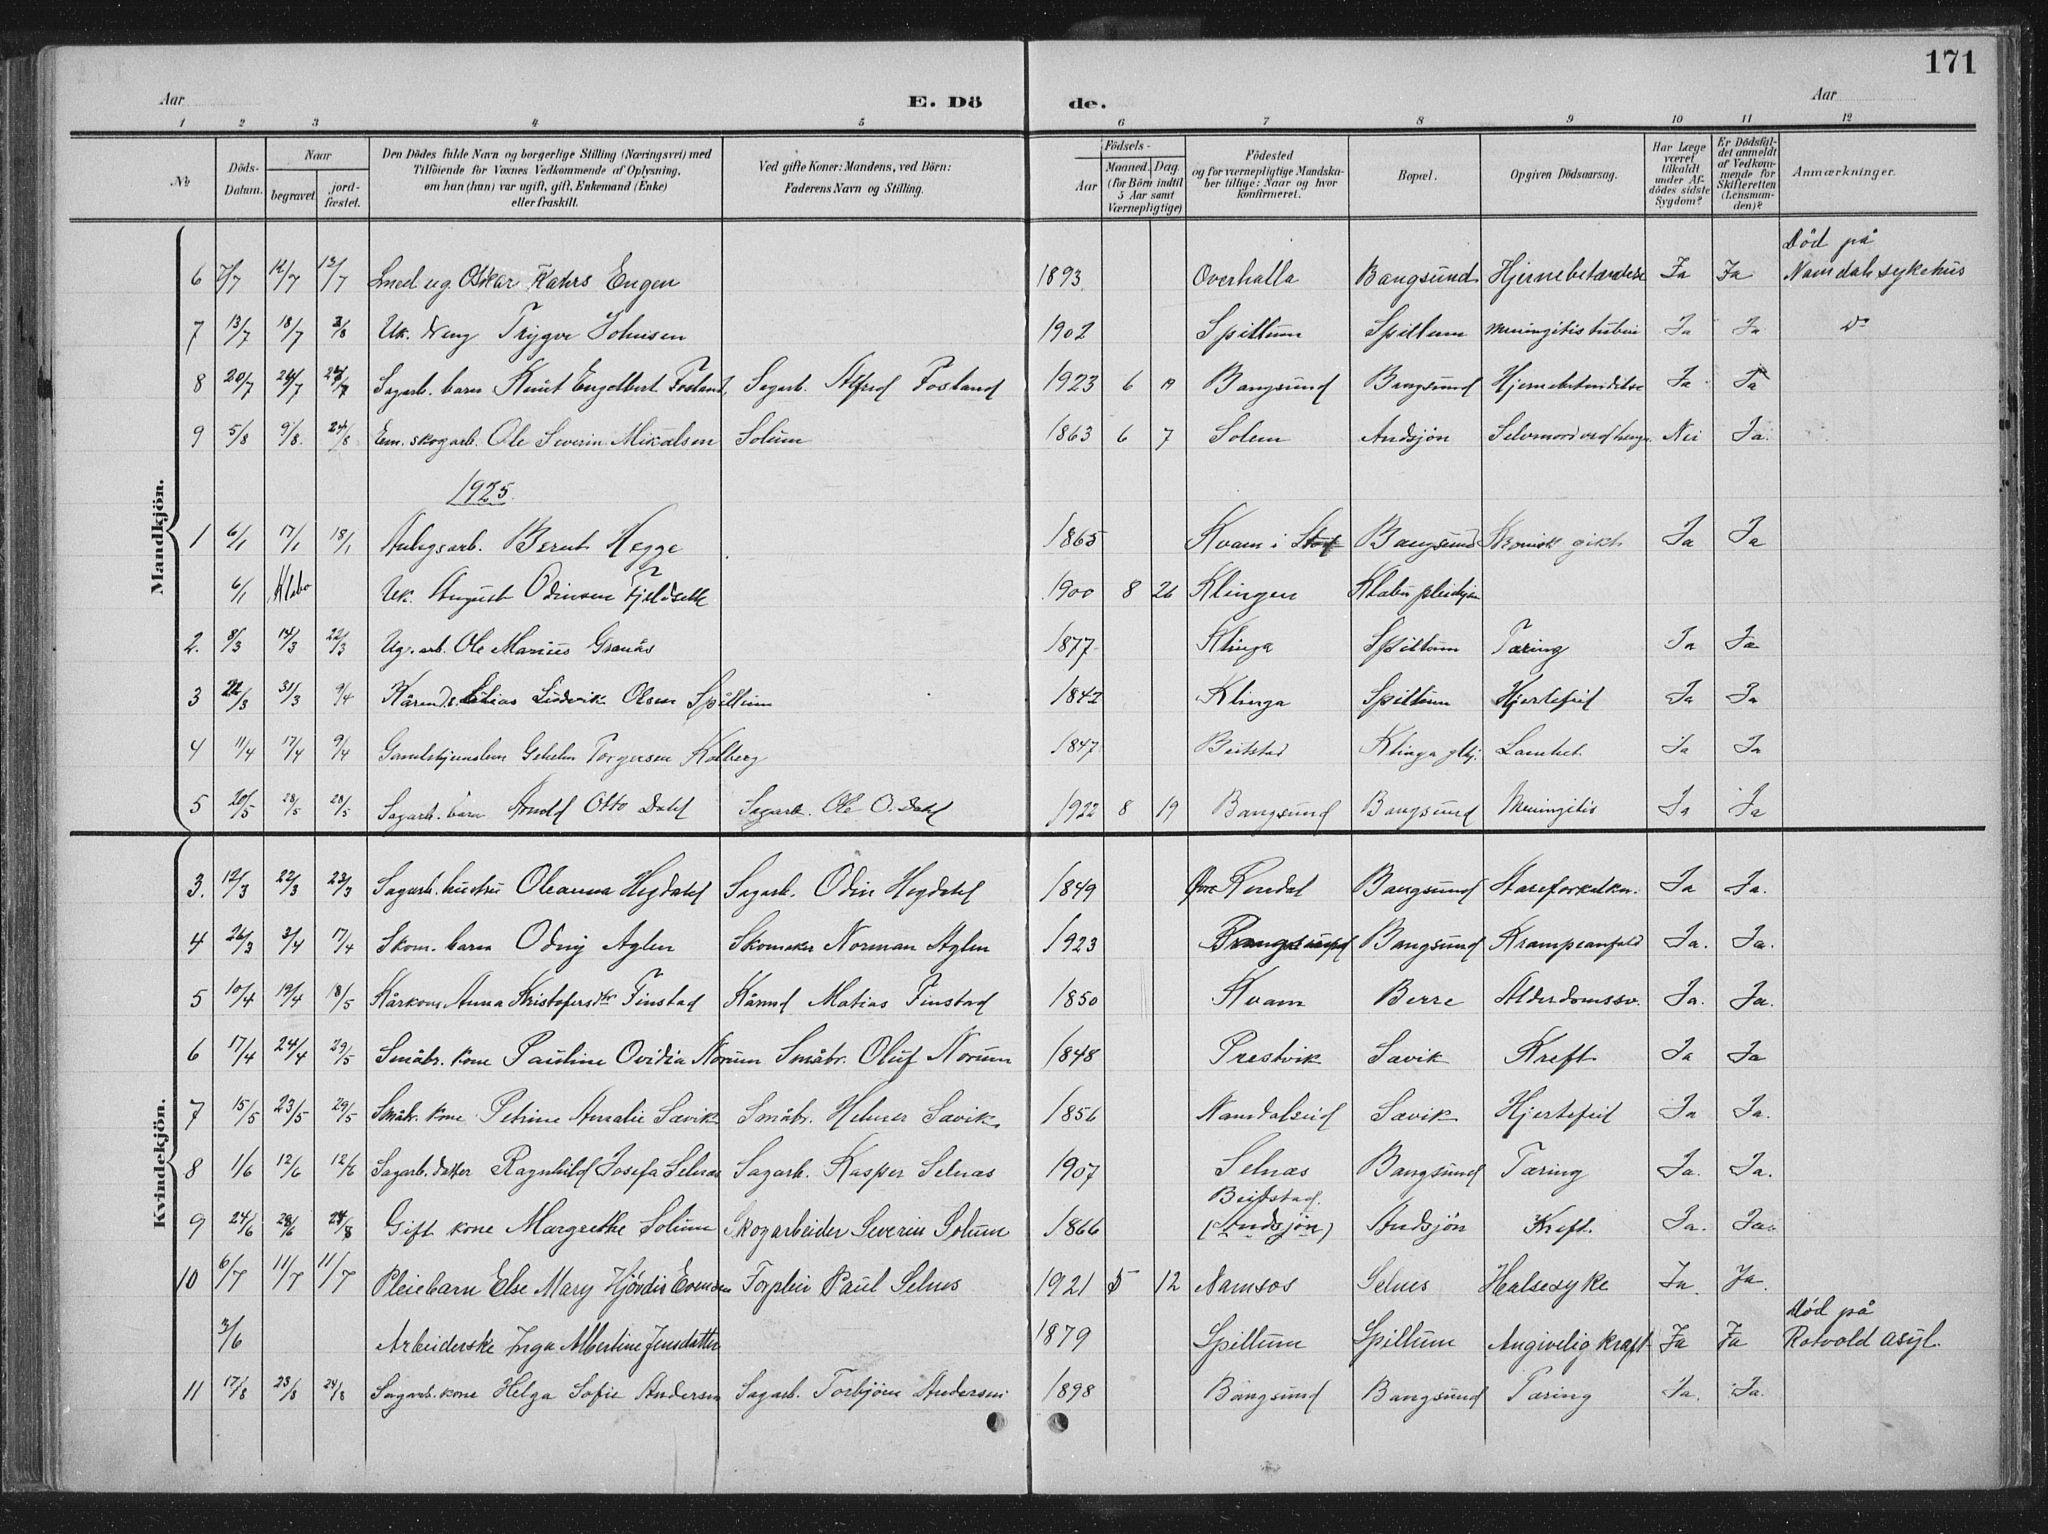 SAT, Ministerialprotokoller, klokkerbøker og fødselsregistre - Nord-Trøndelag, 770/L0591: Klokkerbok nr. 770C02, 1902-1940, s. 171